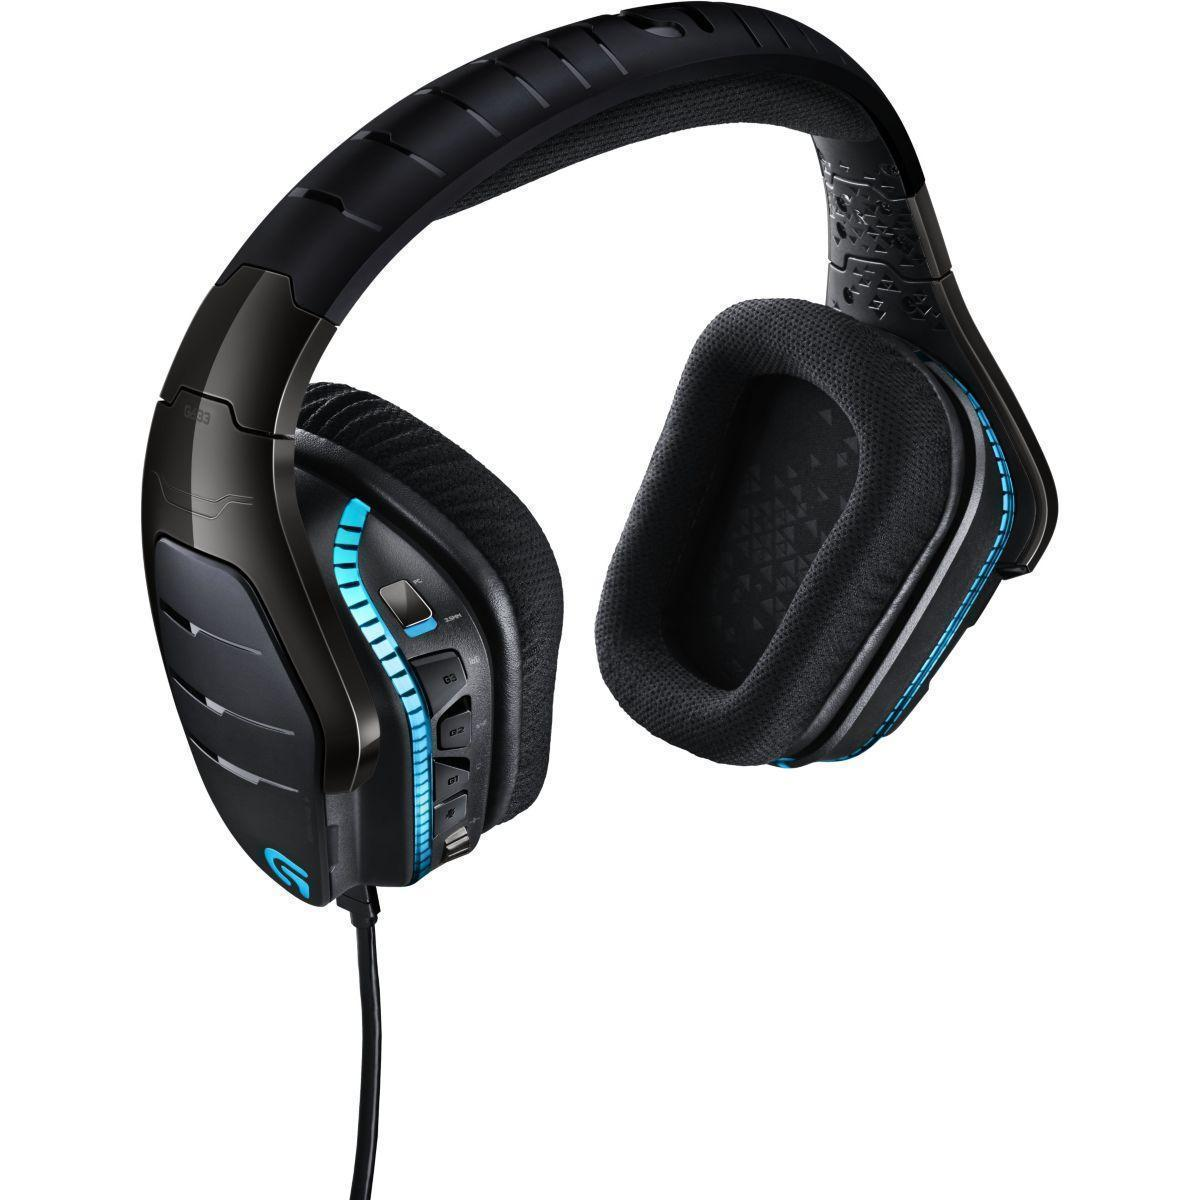 G633 Artemis Spectrum Geluidsdemper Gaming Hoofdtelefoon - Microfoon Zwart